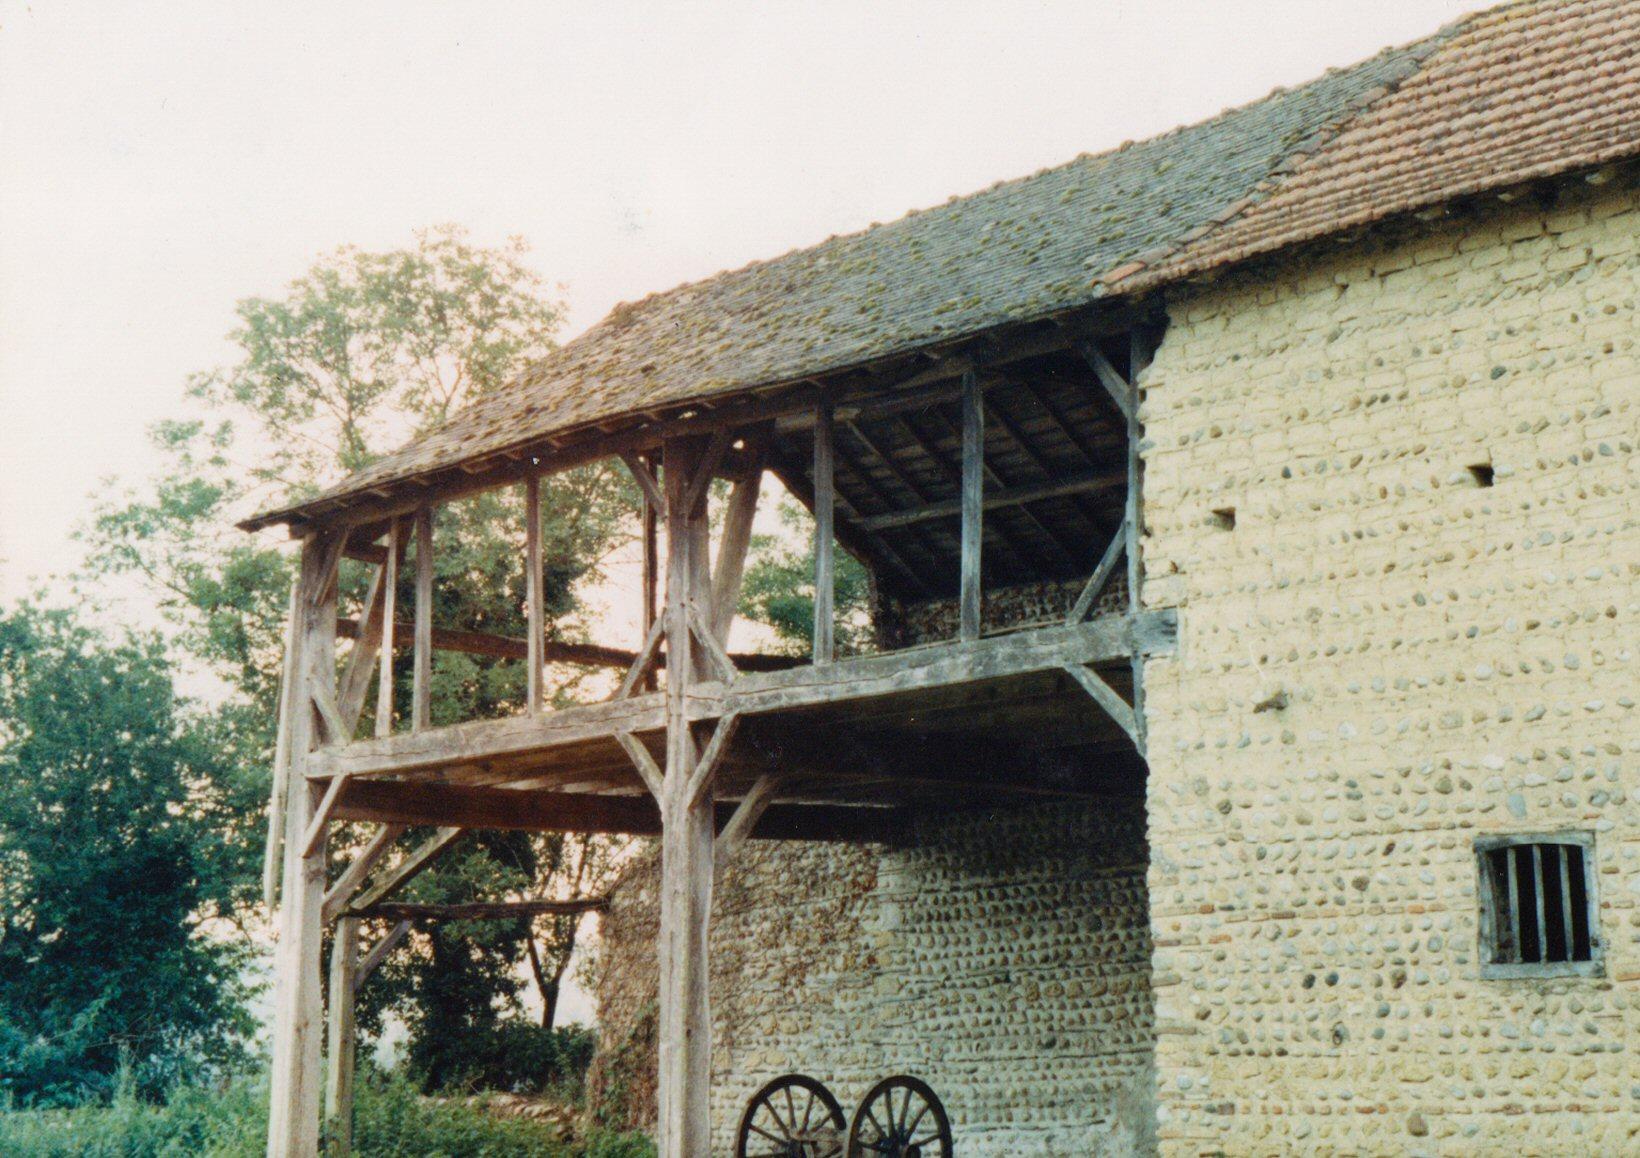 Vue 1 Bâtiment existant avant projet - 4 logements (65)